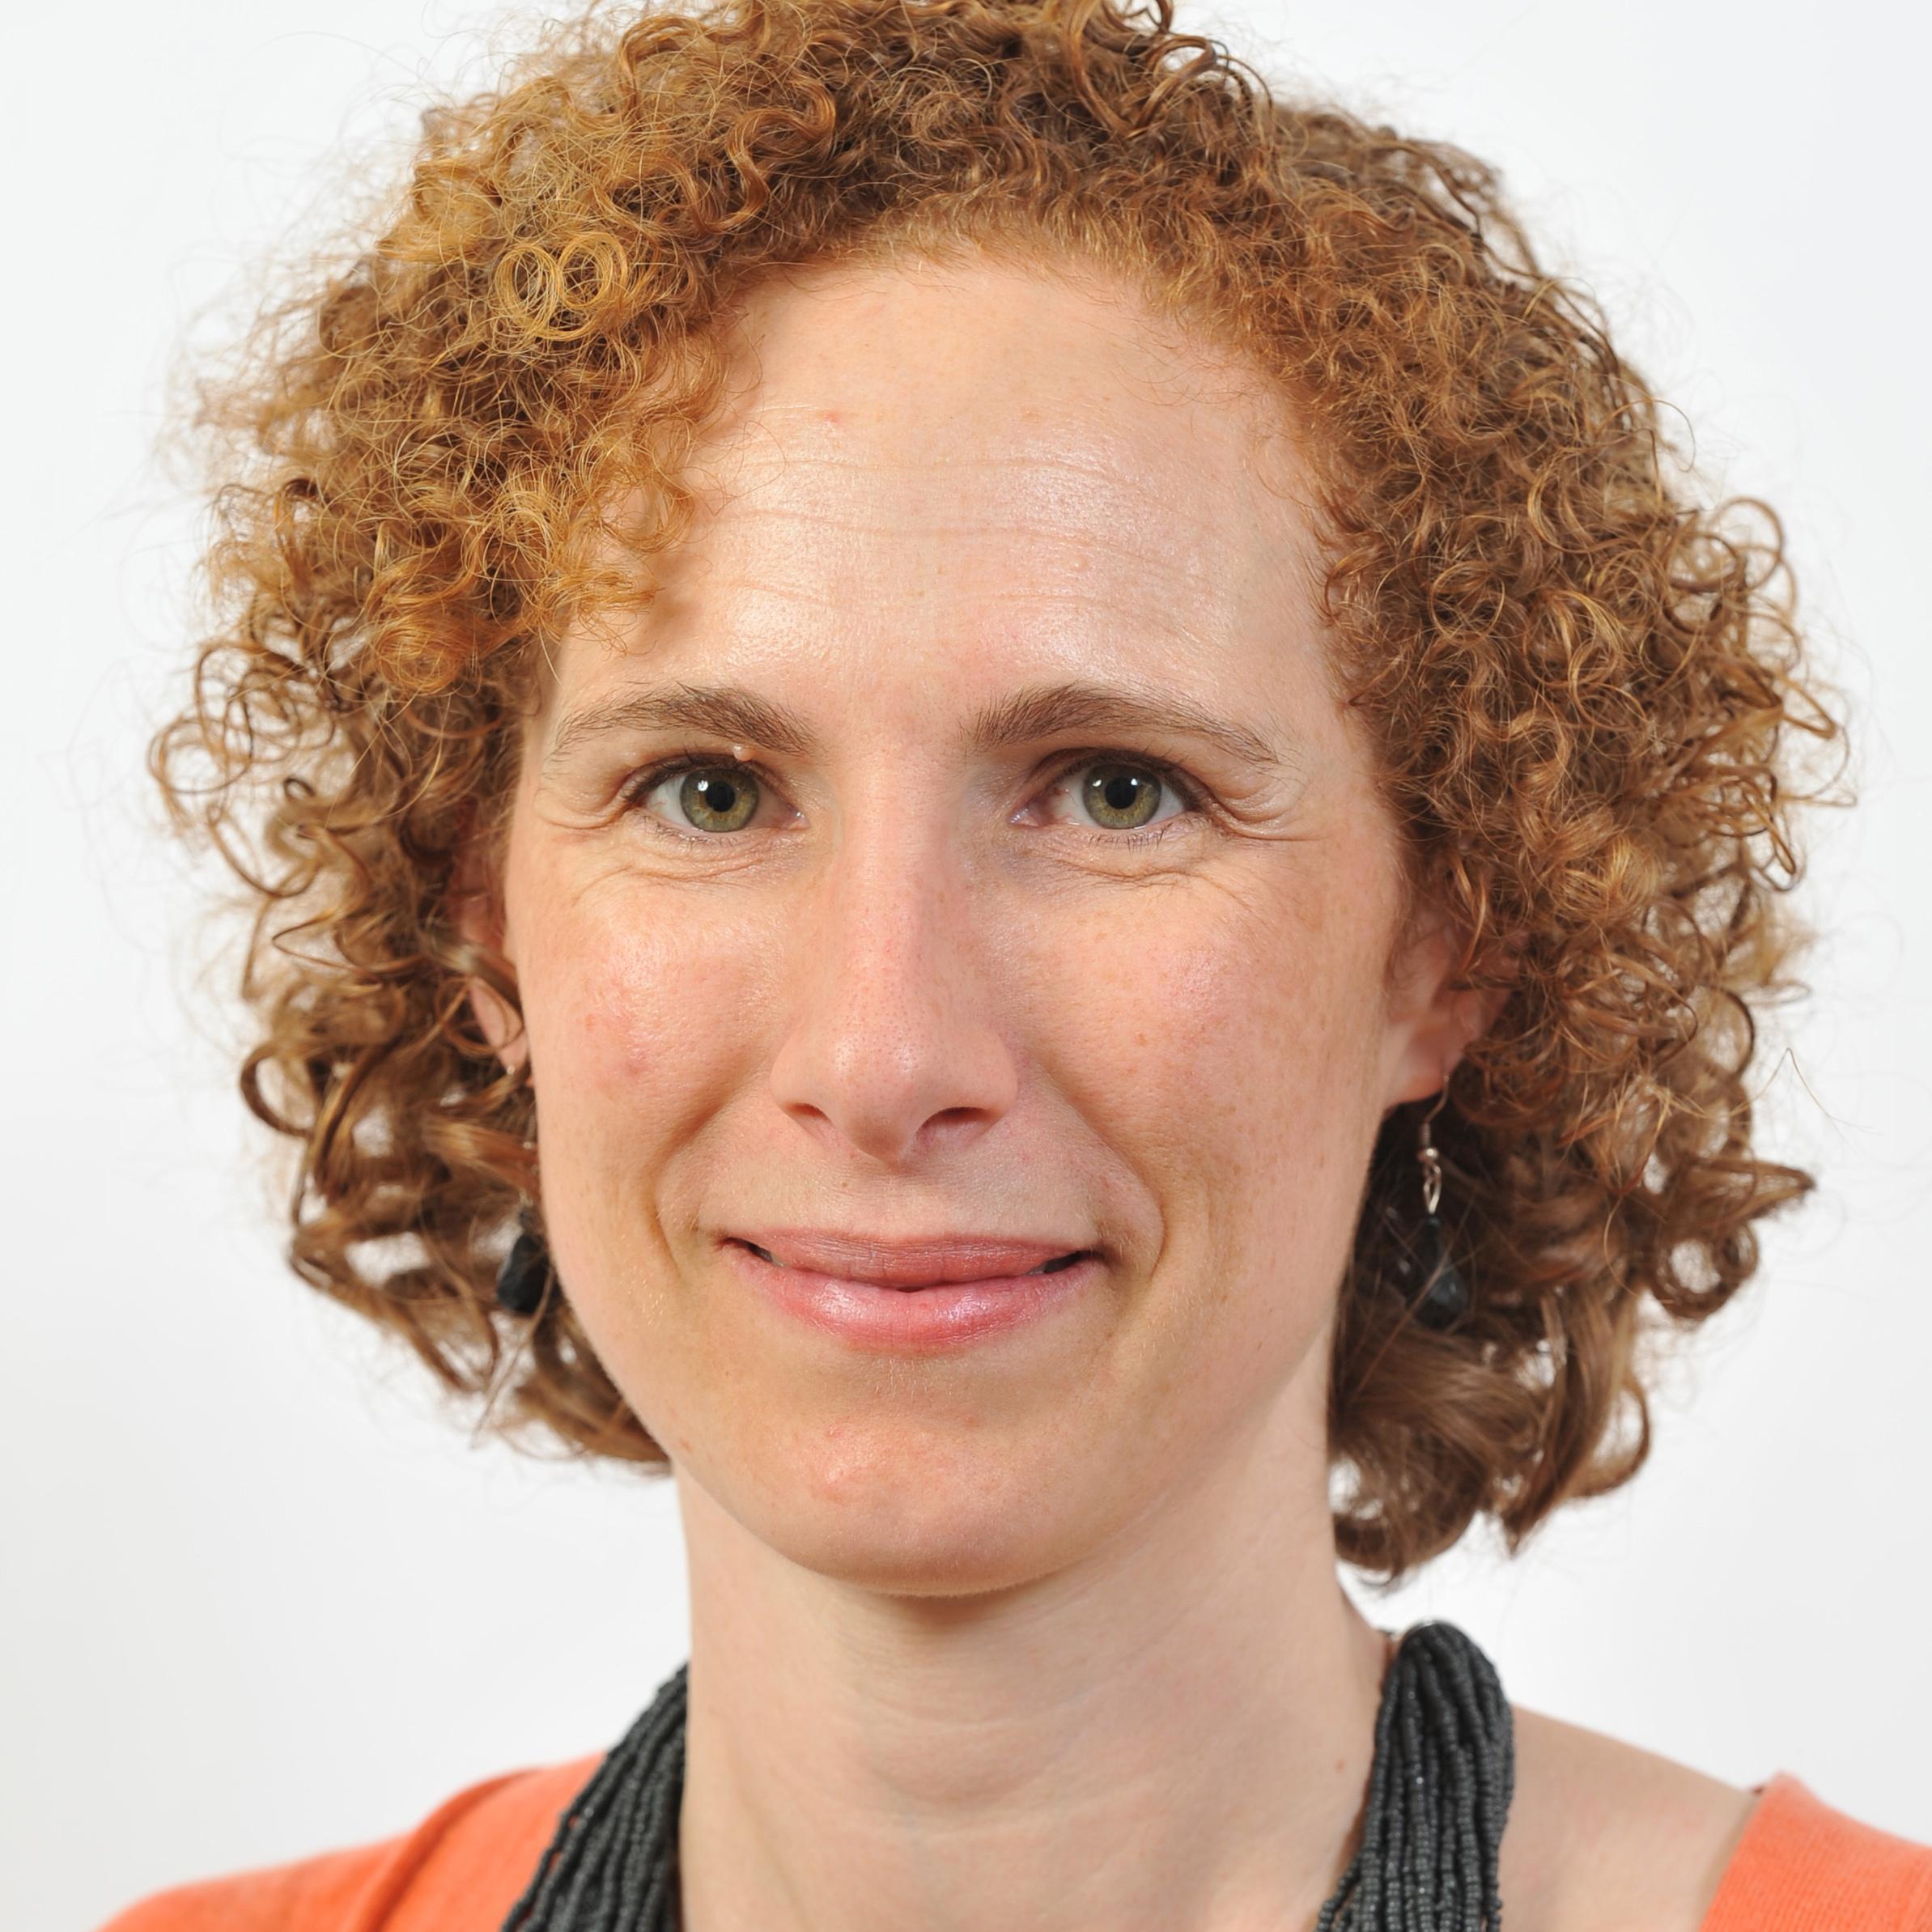 Jessie Hohmann